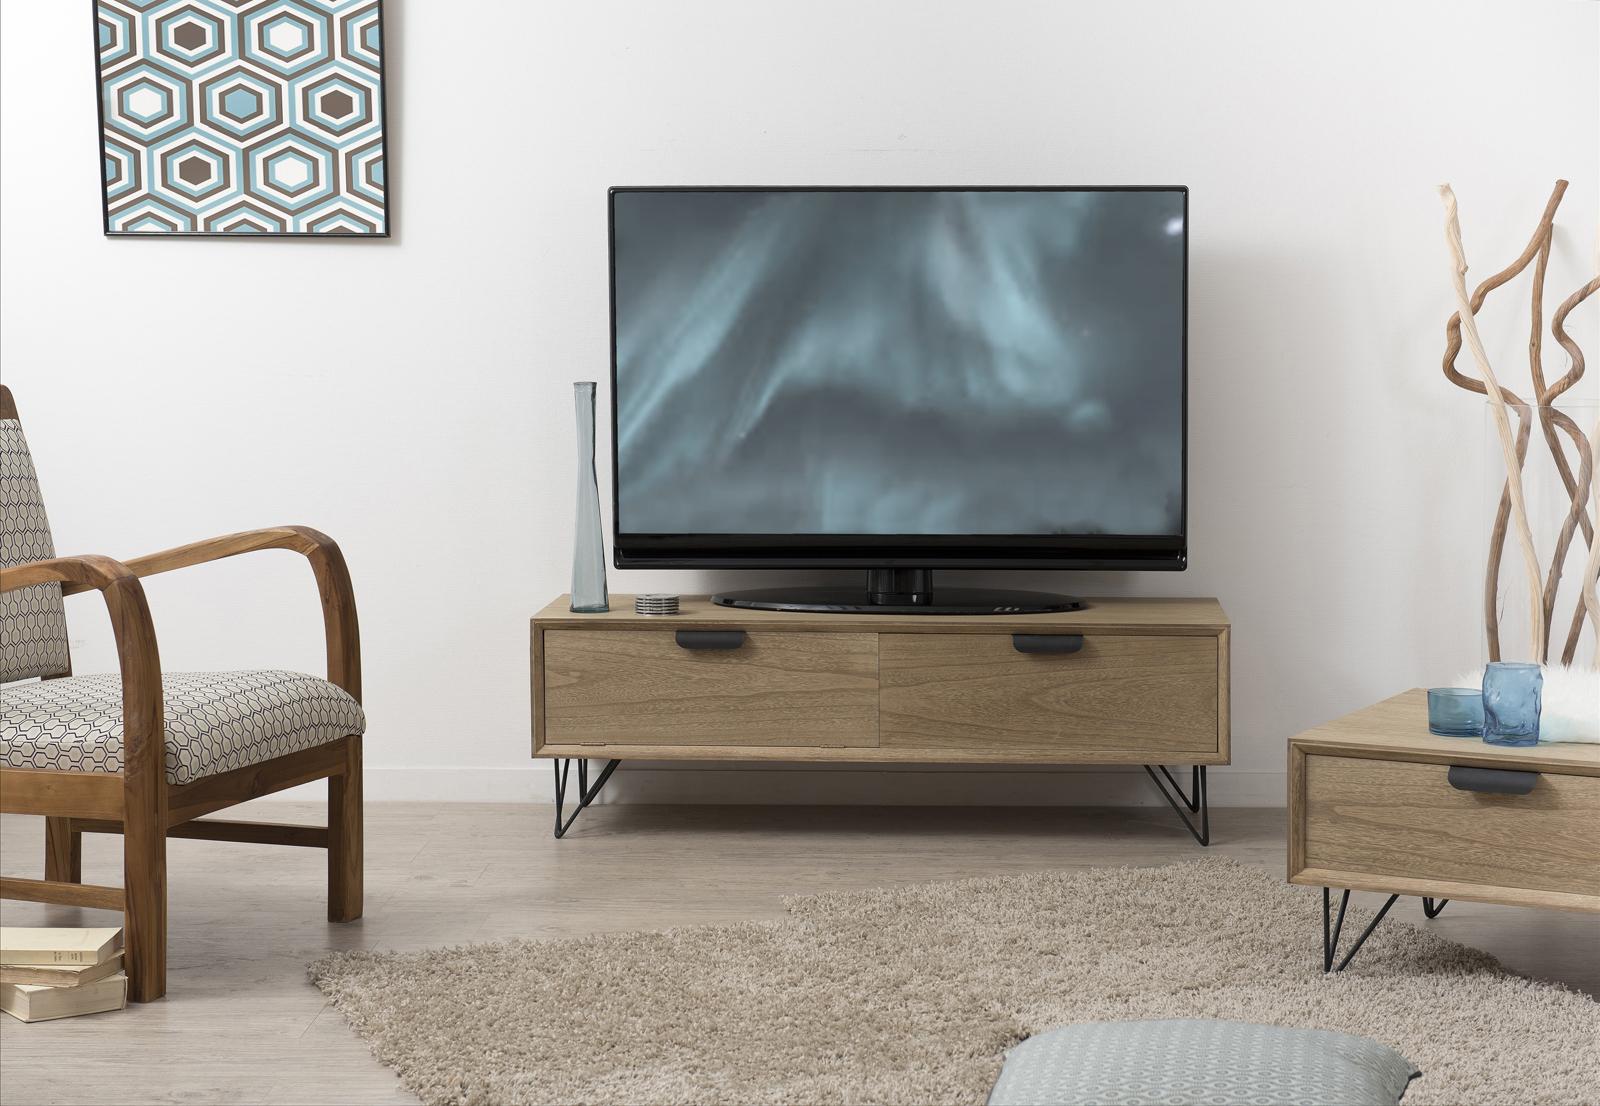 meuble tv retro bois 1 tiroir 1 porte pieds metal noir en epingle 3 tiges 120x40x39cm